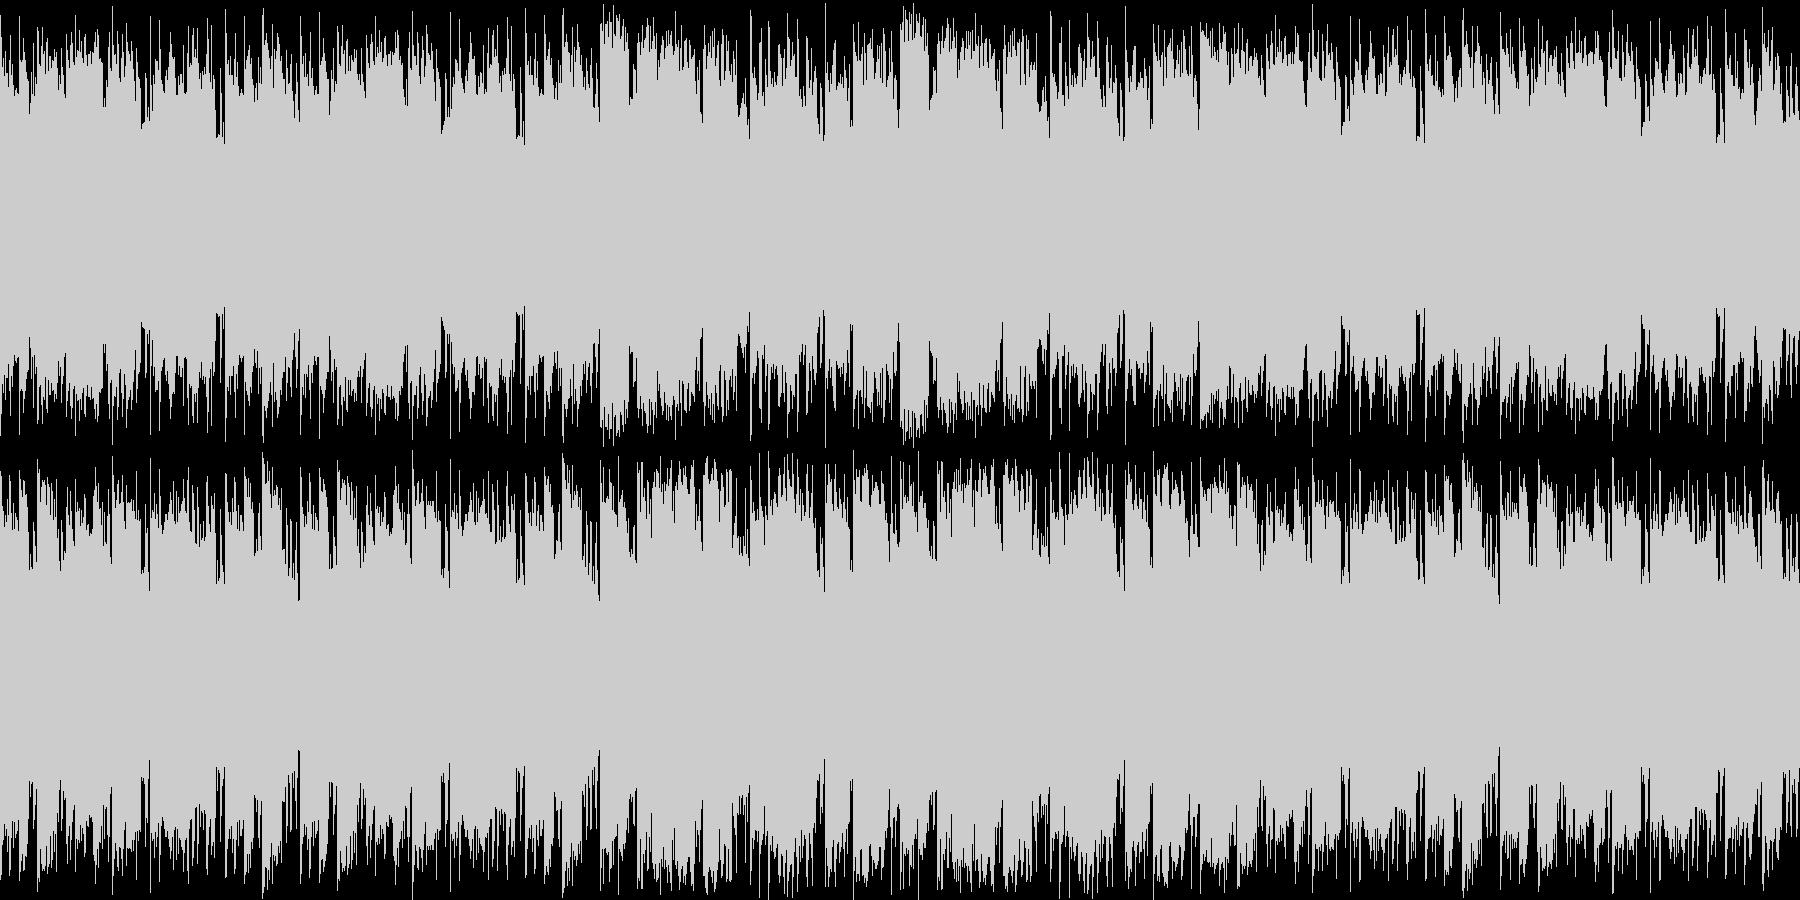 ほのぼの日常系ループ素材の未再生の波形